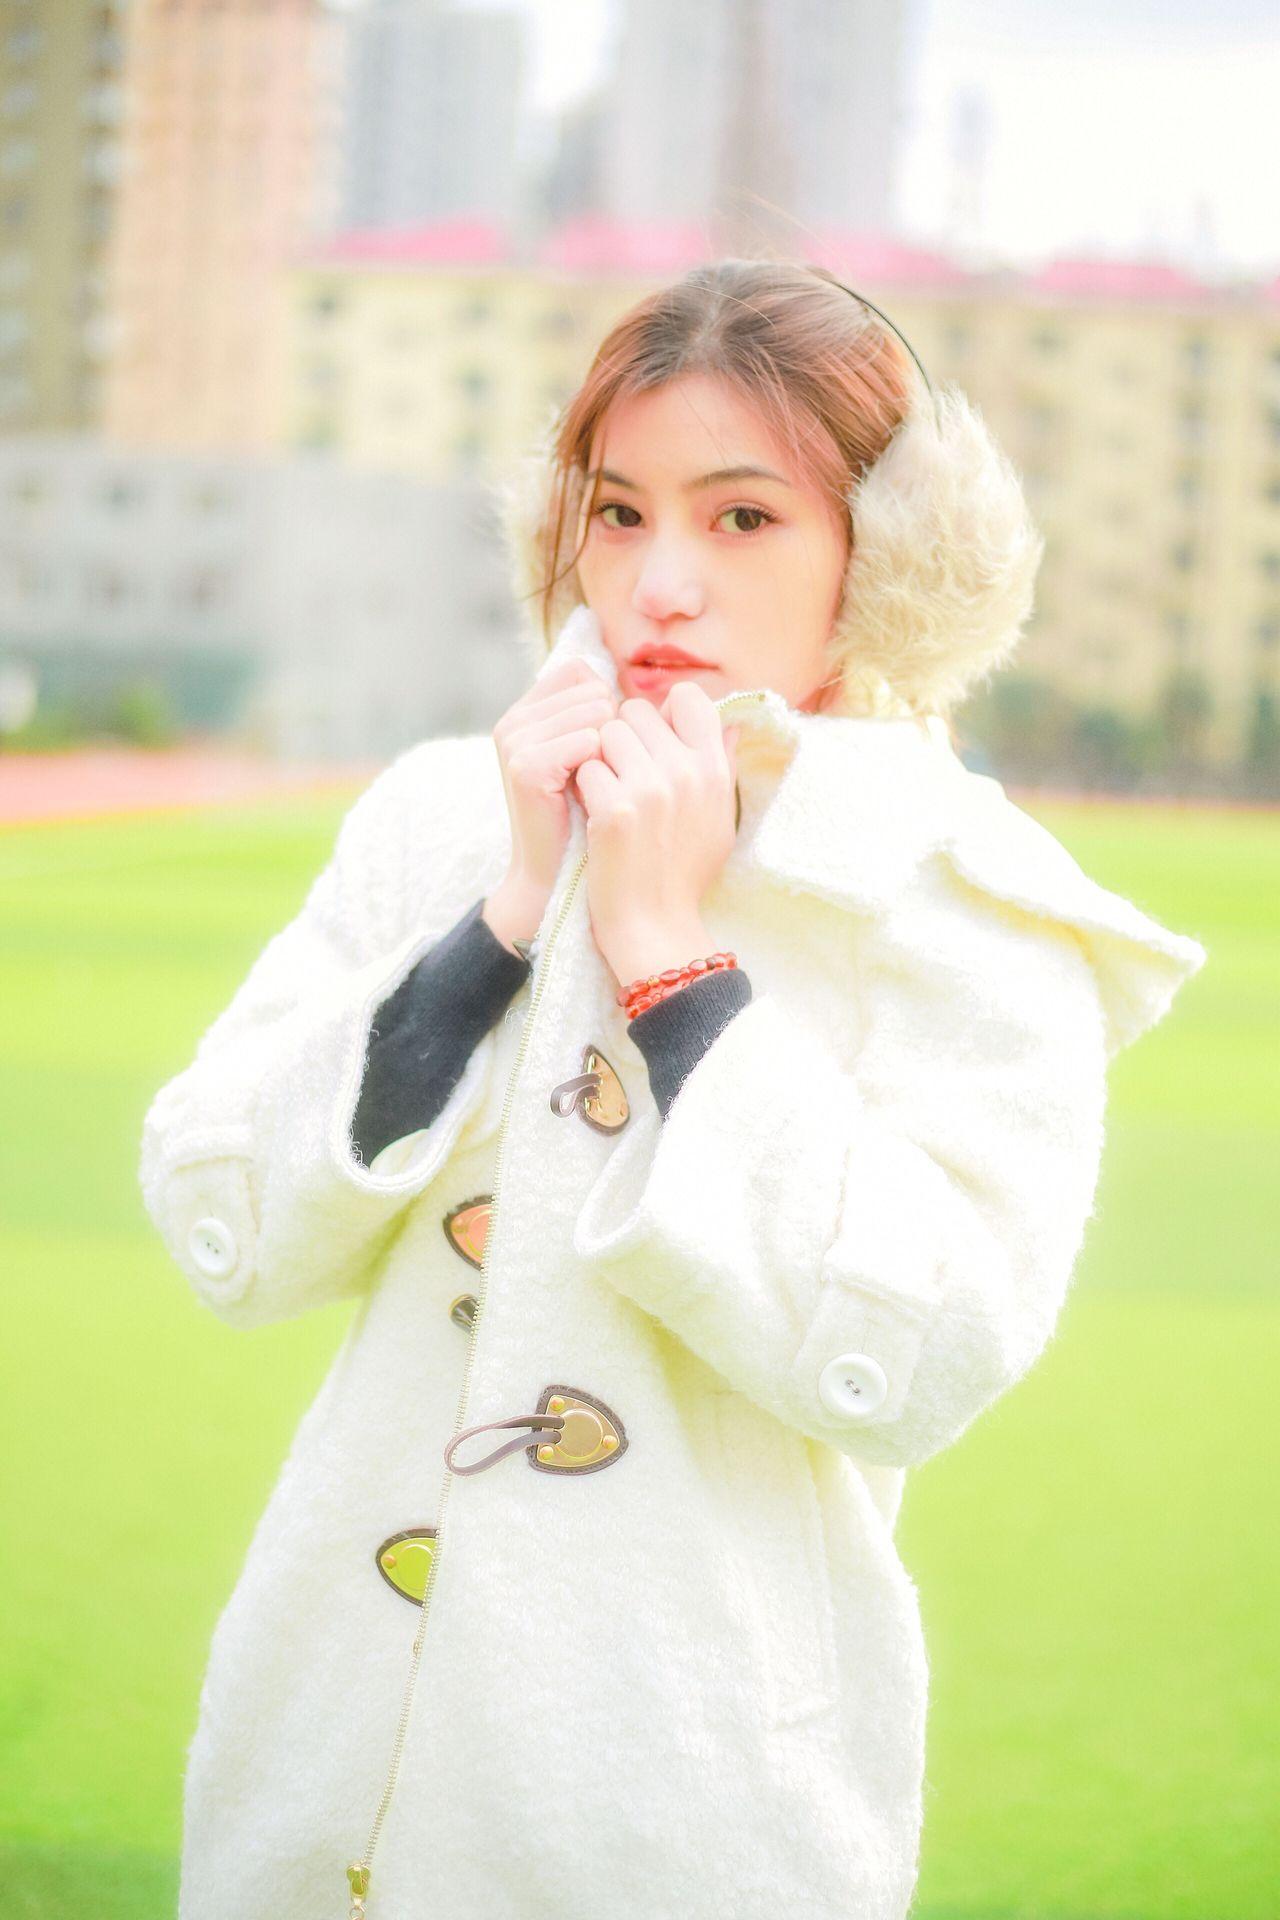 2018-12-29 冬季恋歌_模特曲儿的返片